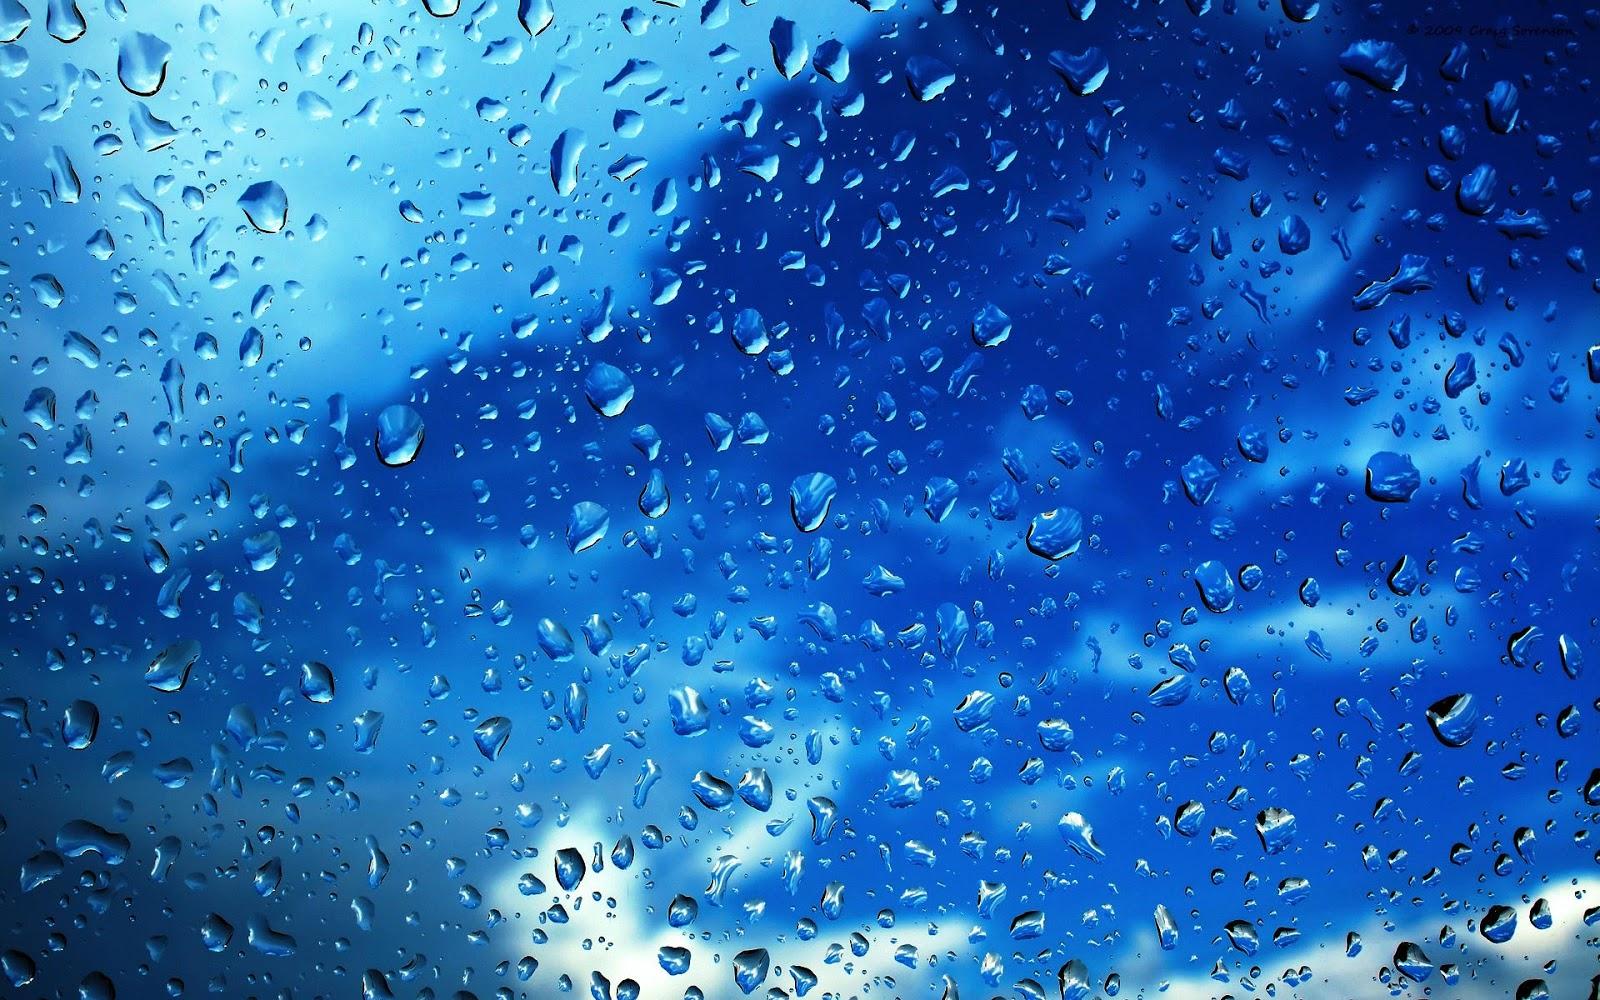 Desi Cute Girl Wallpaper Nature Rain Hd Wallpapers